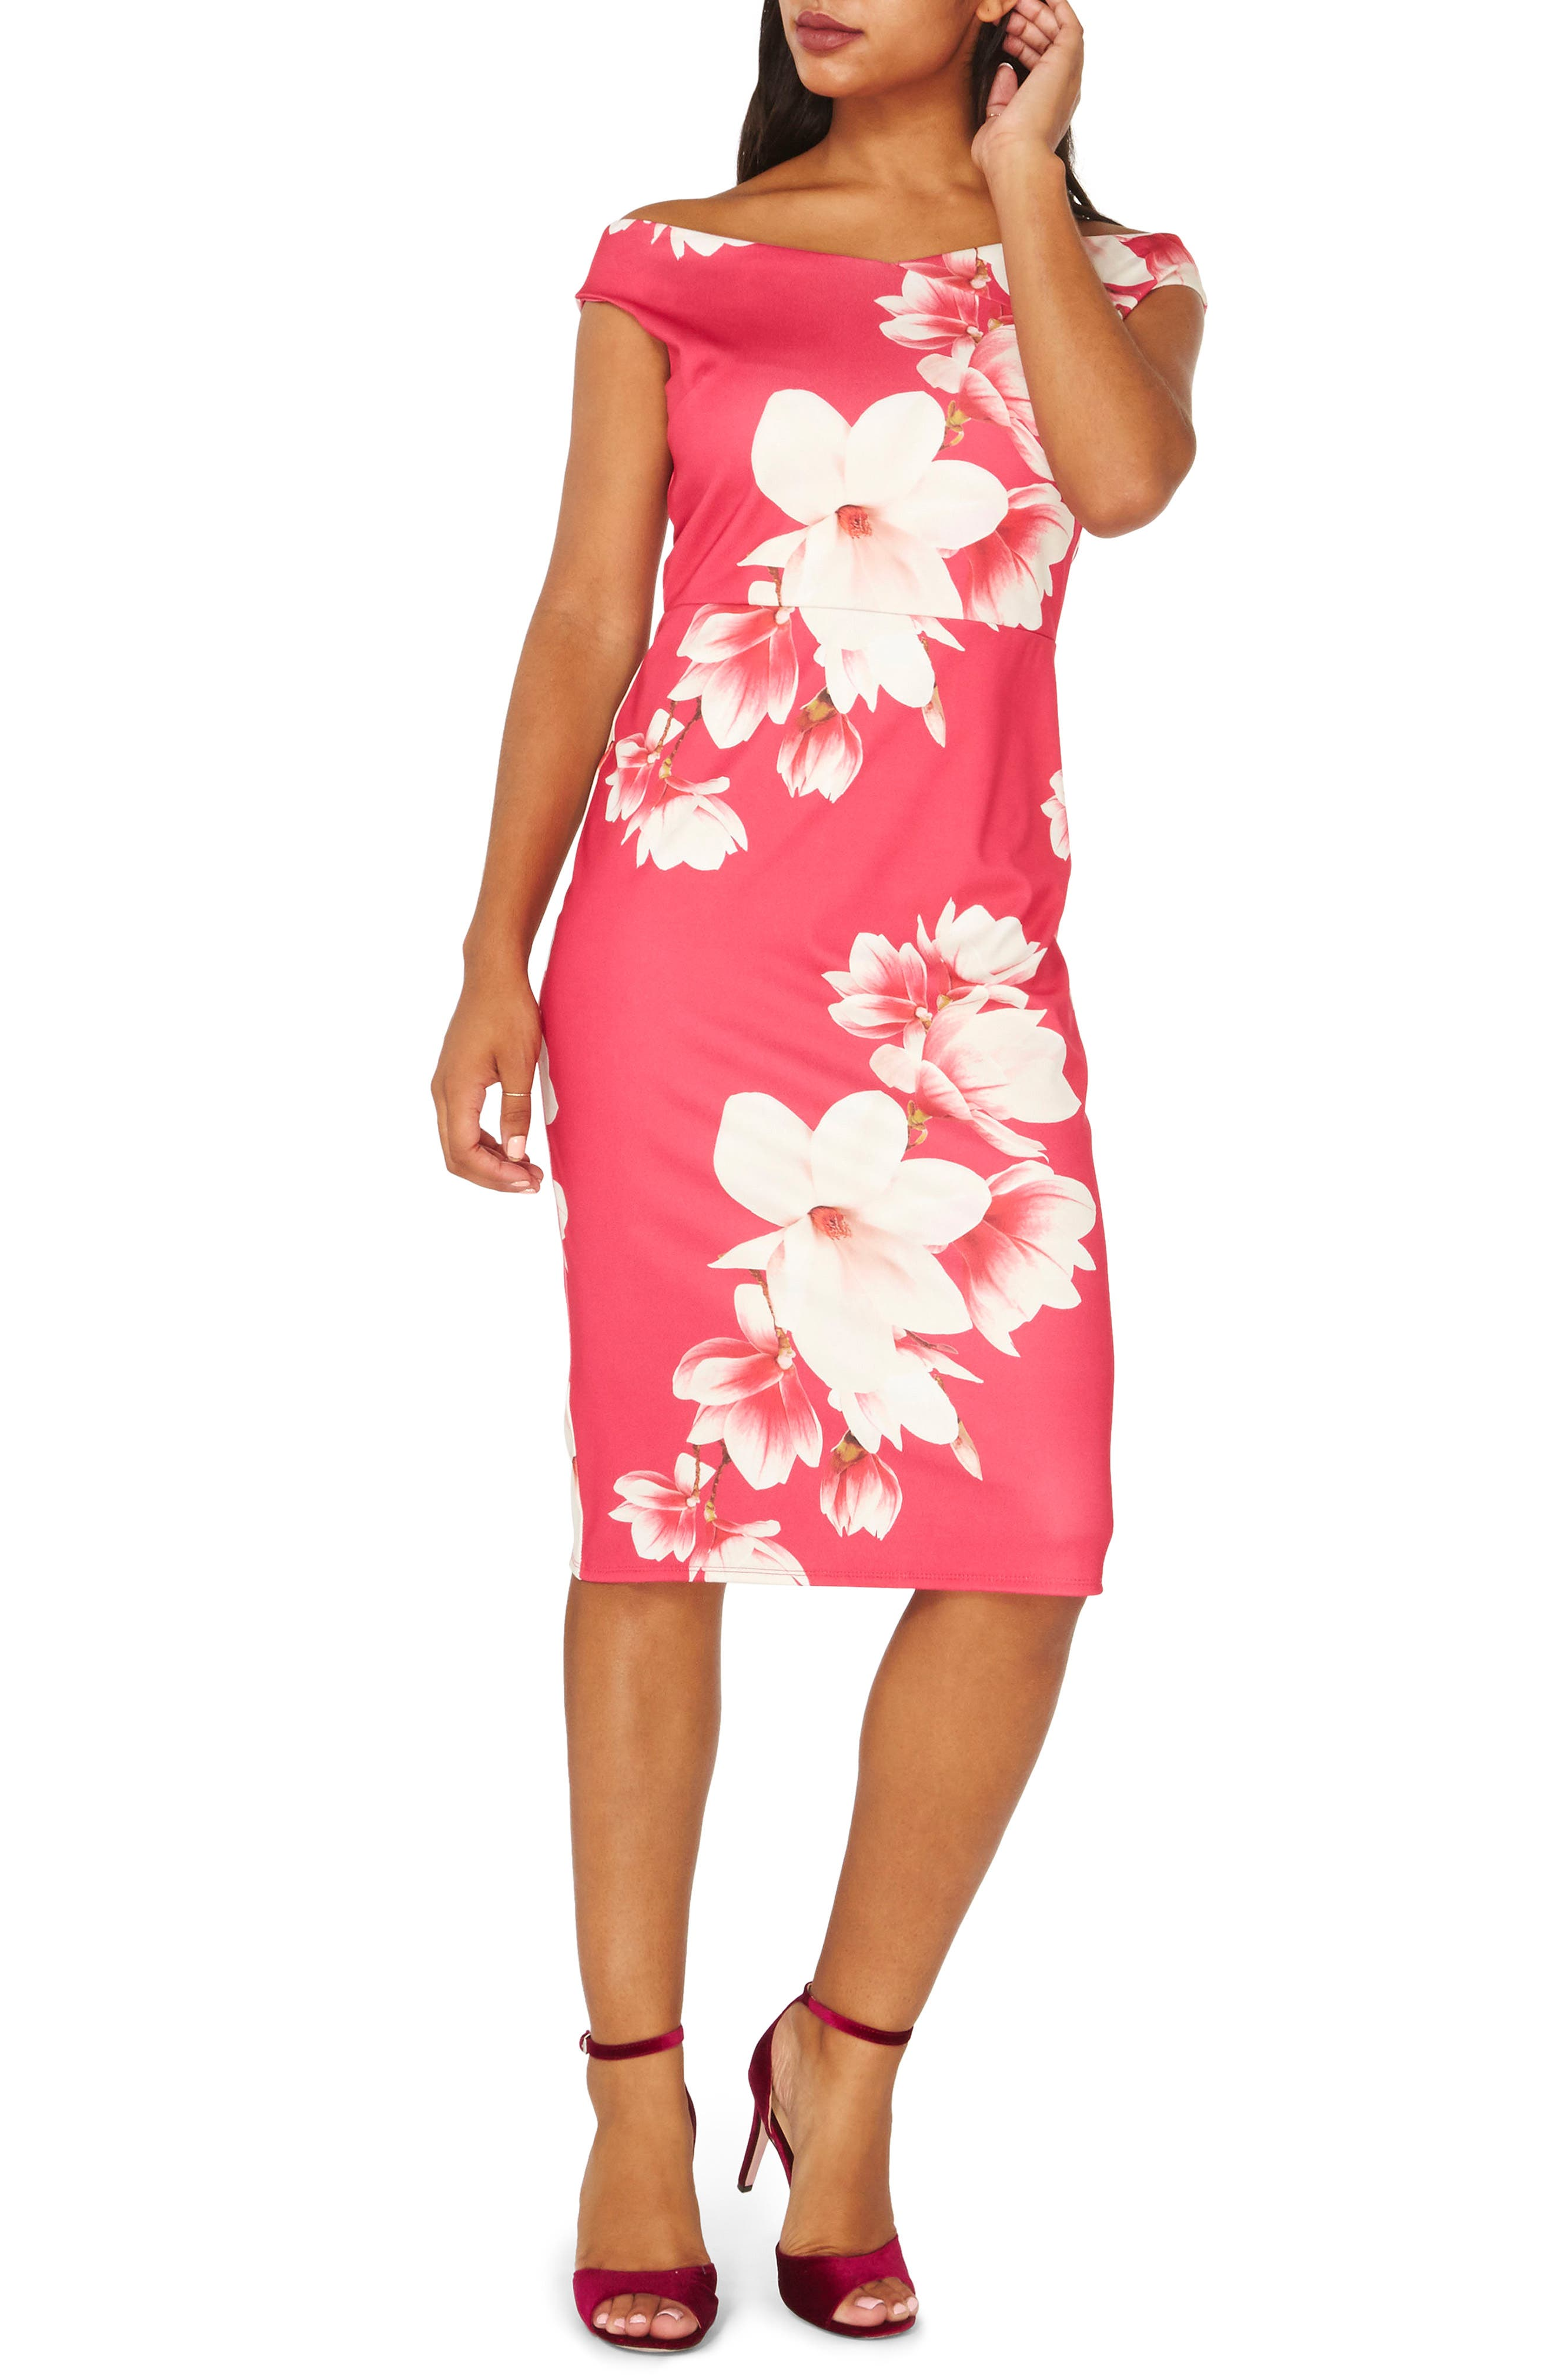 Bardot Sheath Dress,                             Main thumbnail 1, color,                             Pink Floral